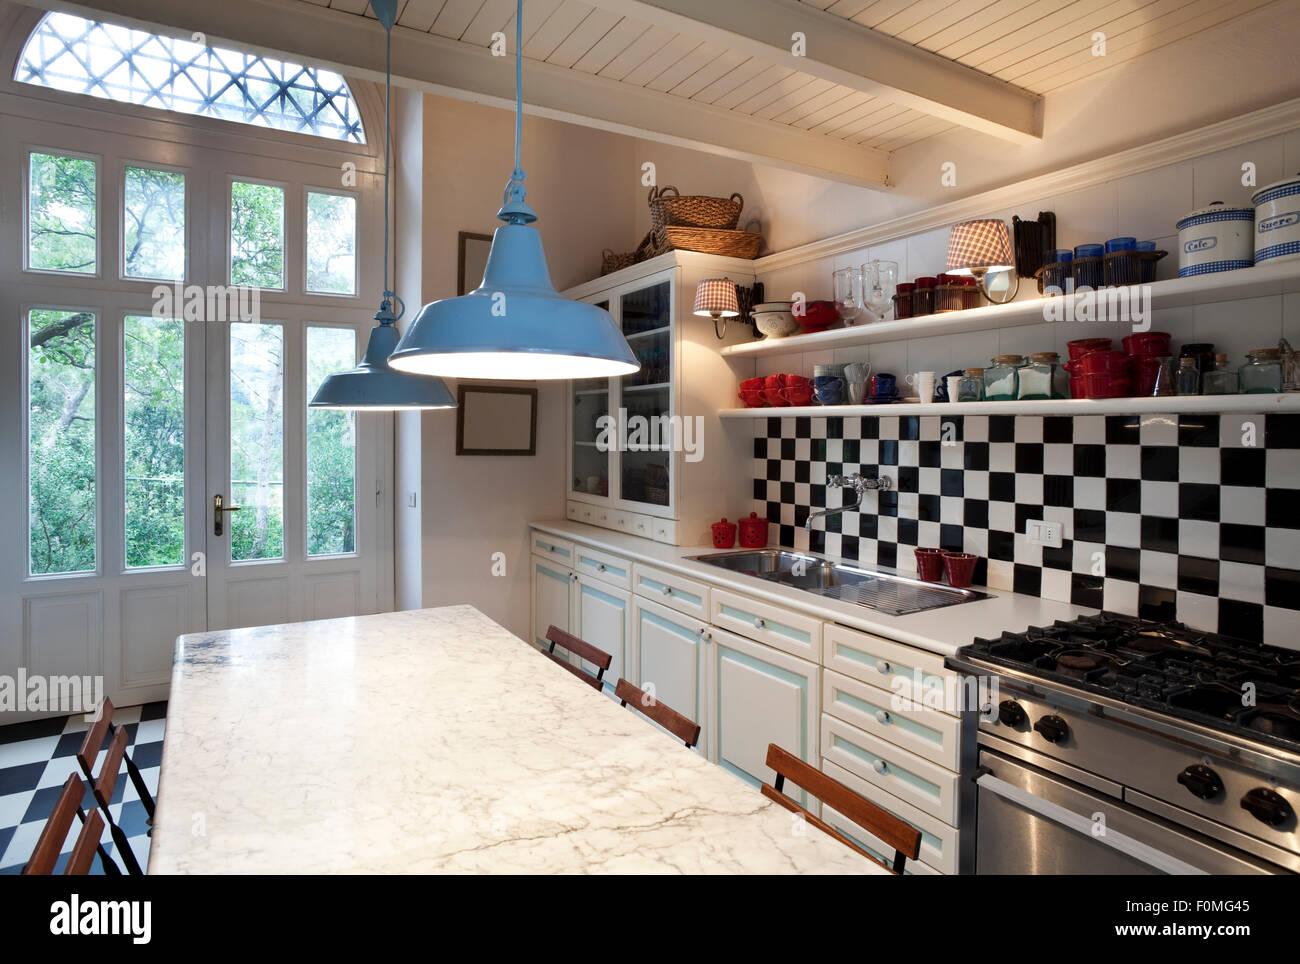 Schachbrett Boden, Küche Interieur Stockfoto, Bild: 86503541 - Alamy